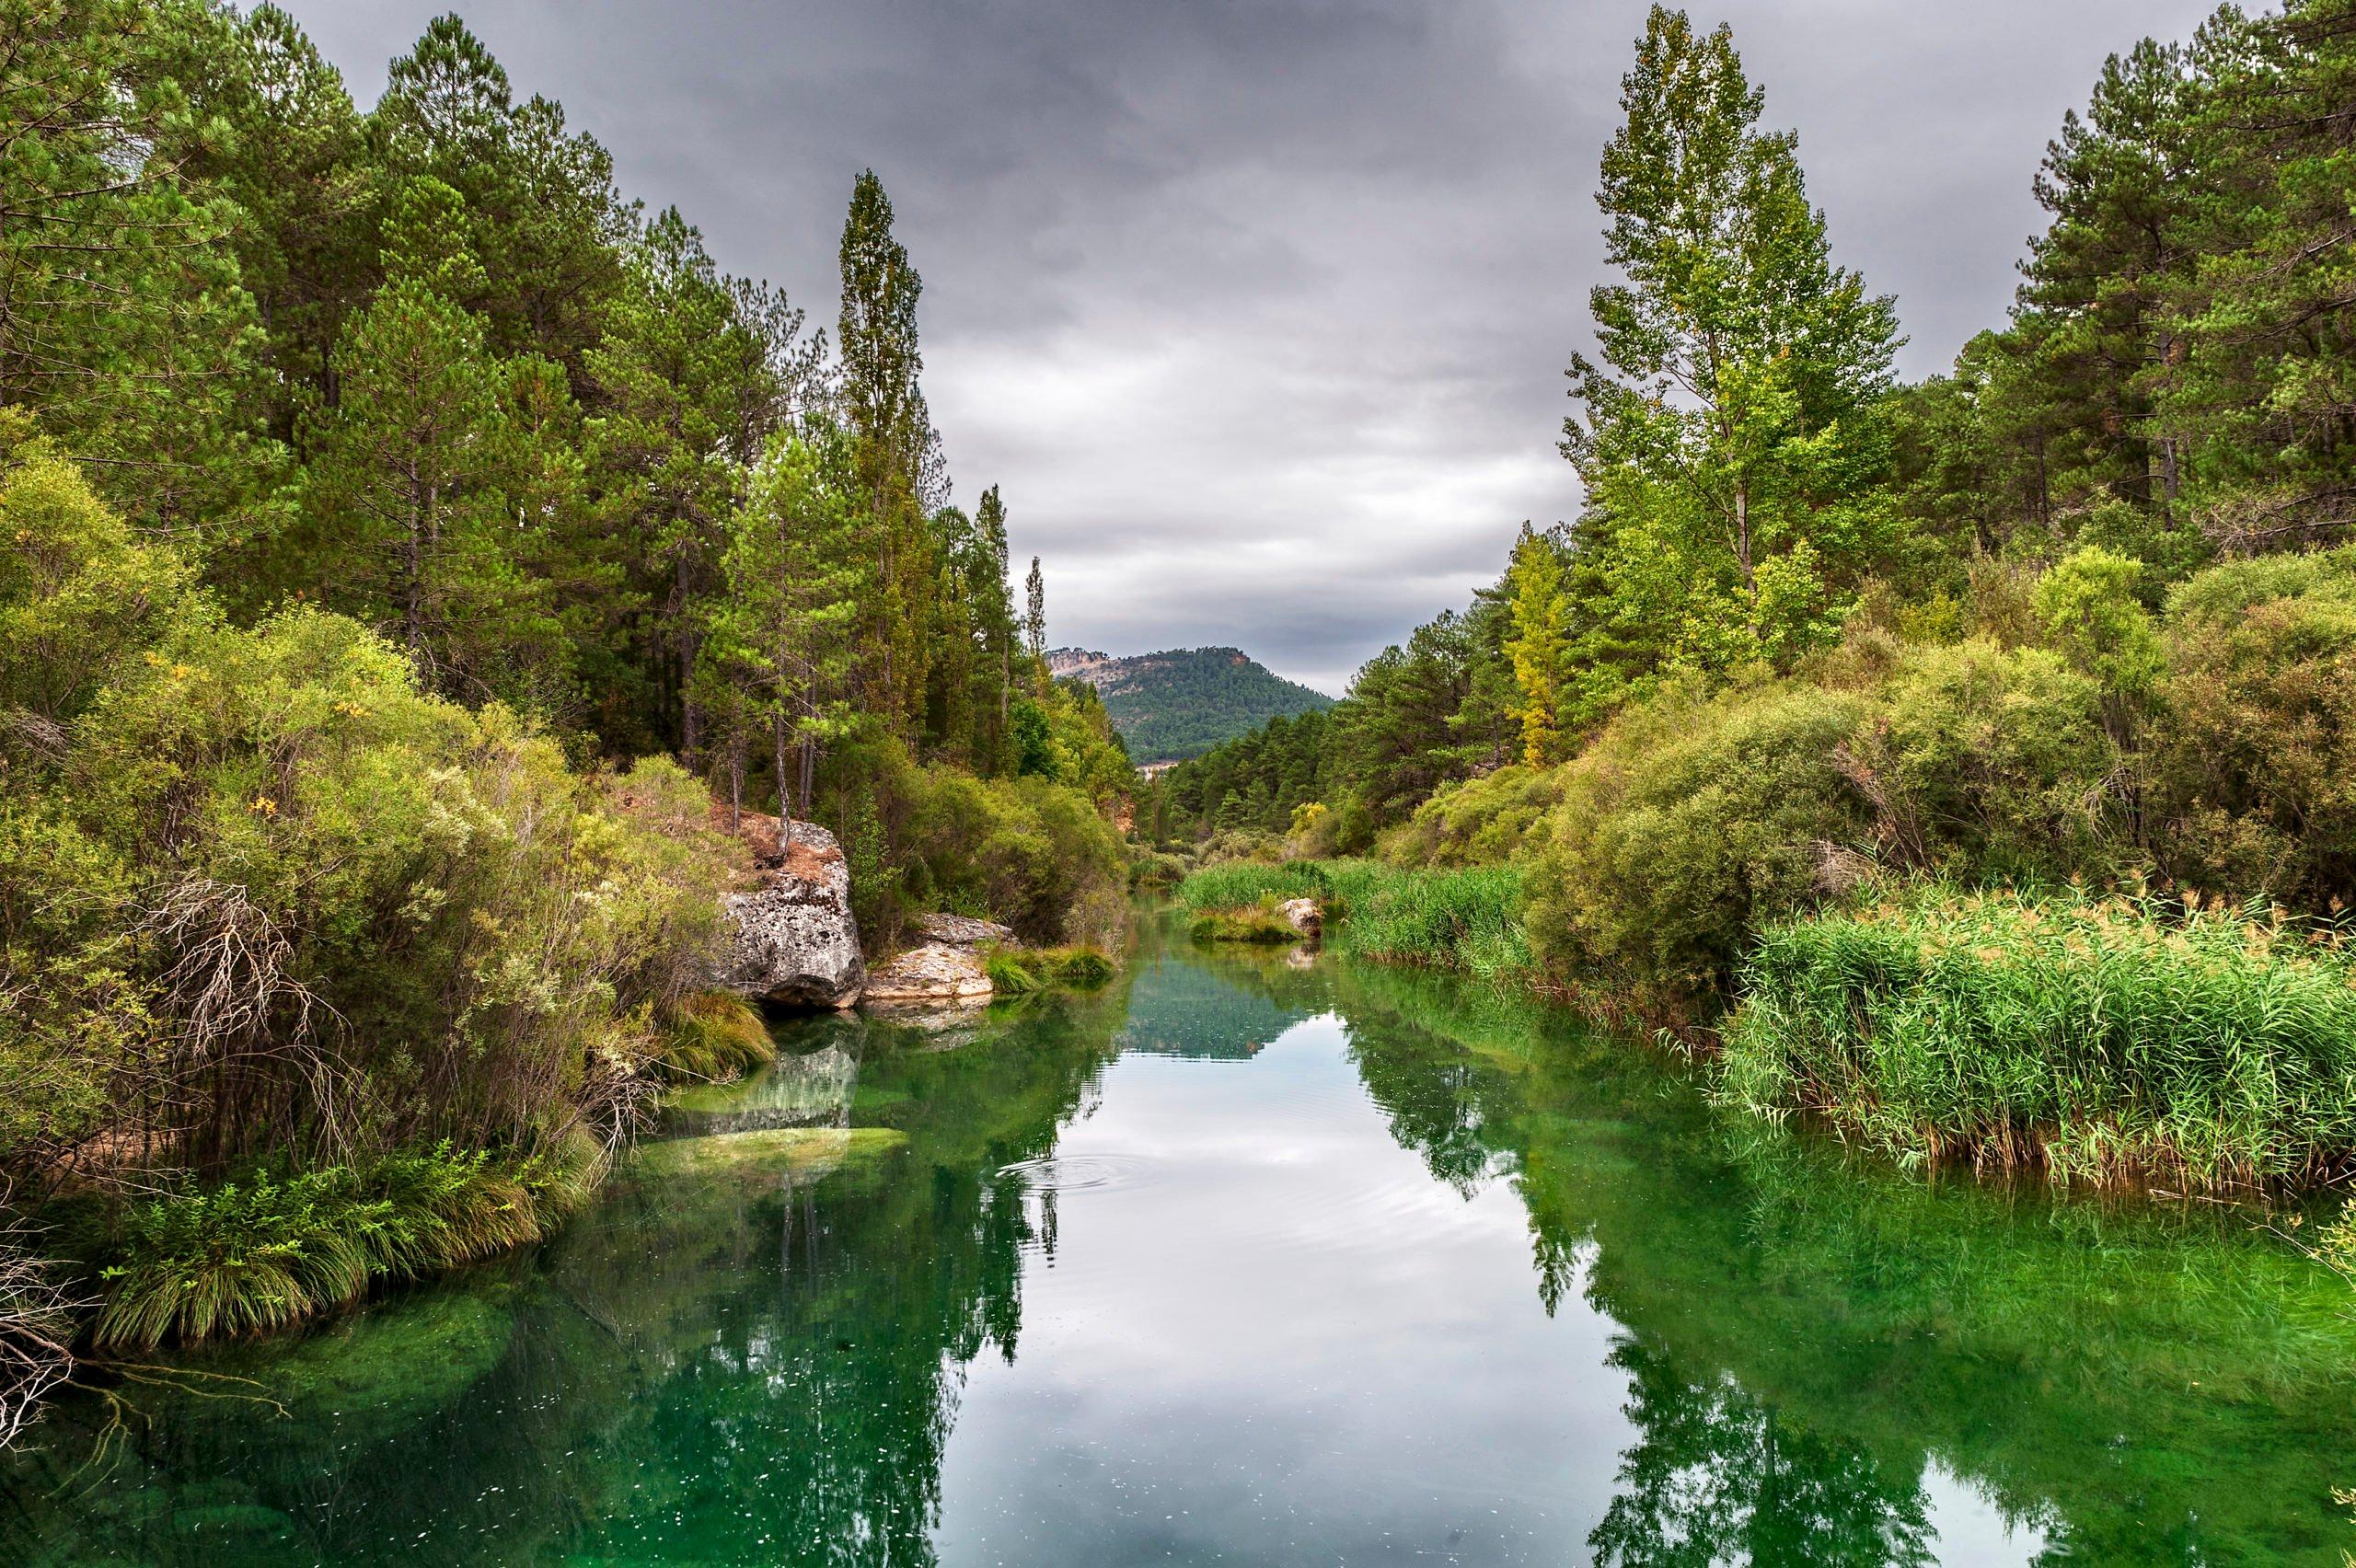 Turismo rural en Castilla - La Mancha